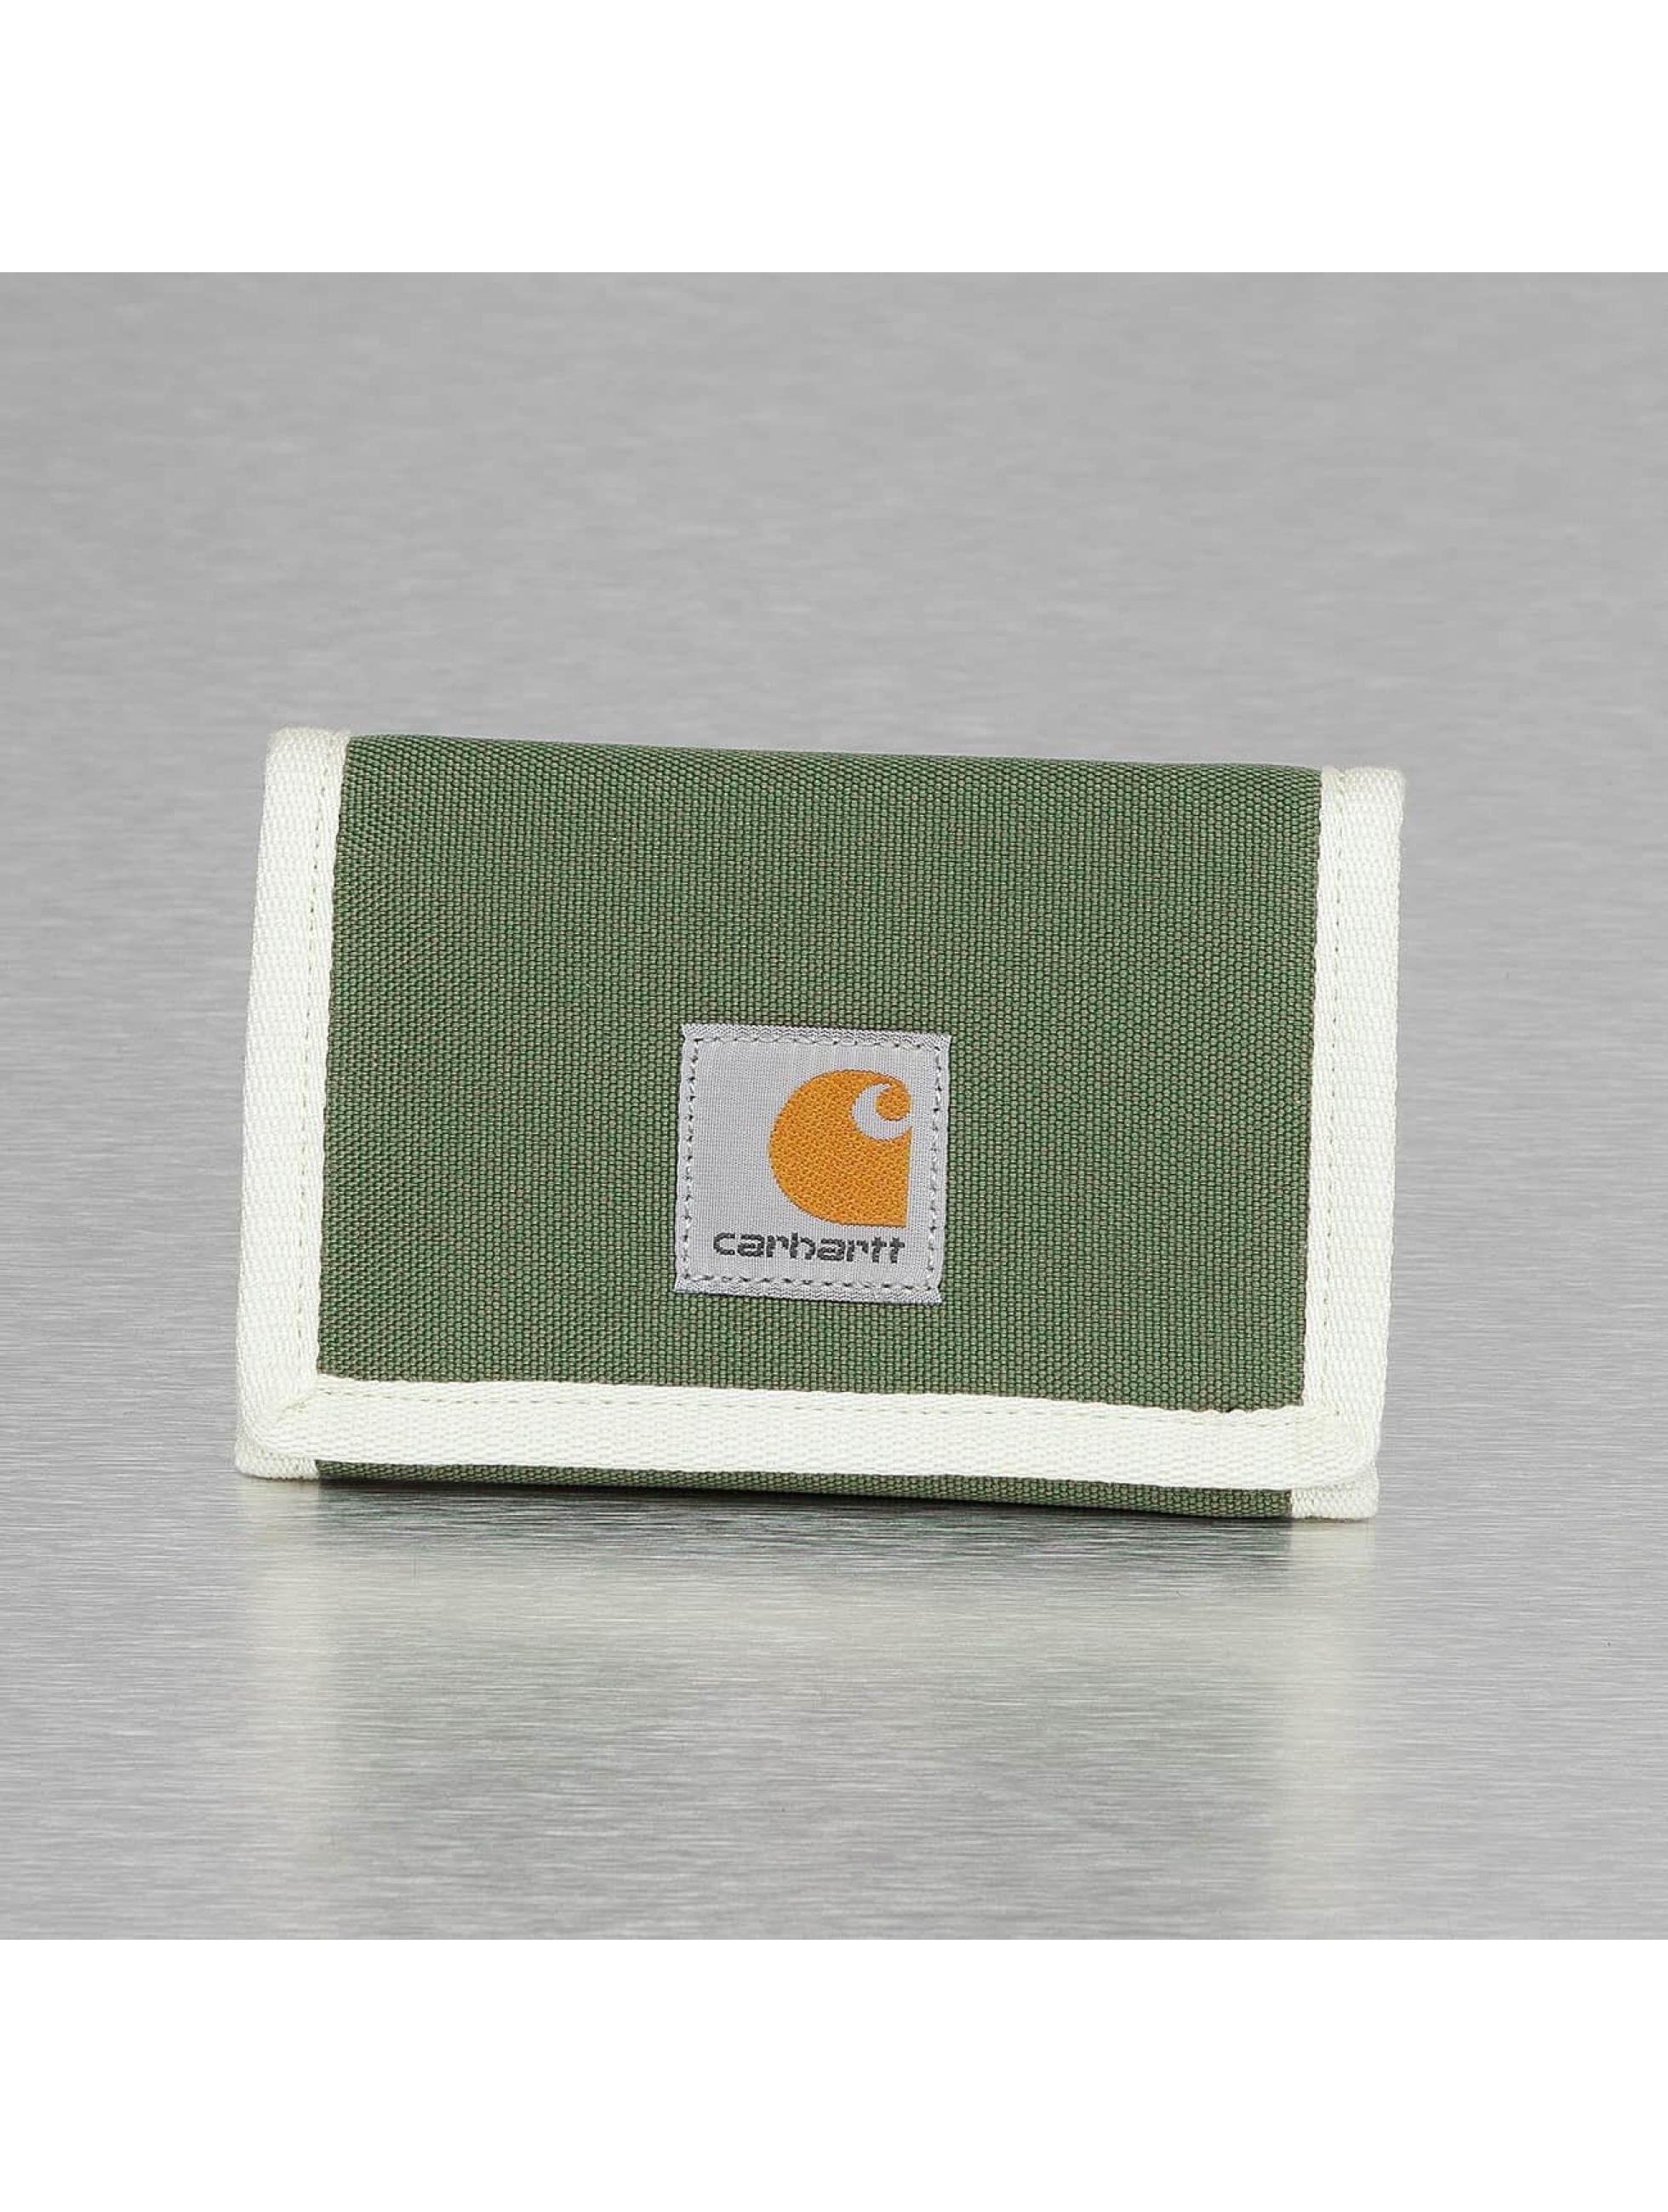 Carhartt WIP Wallet Watch green